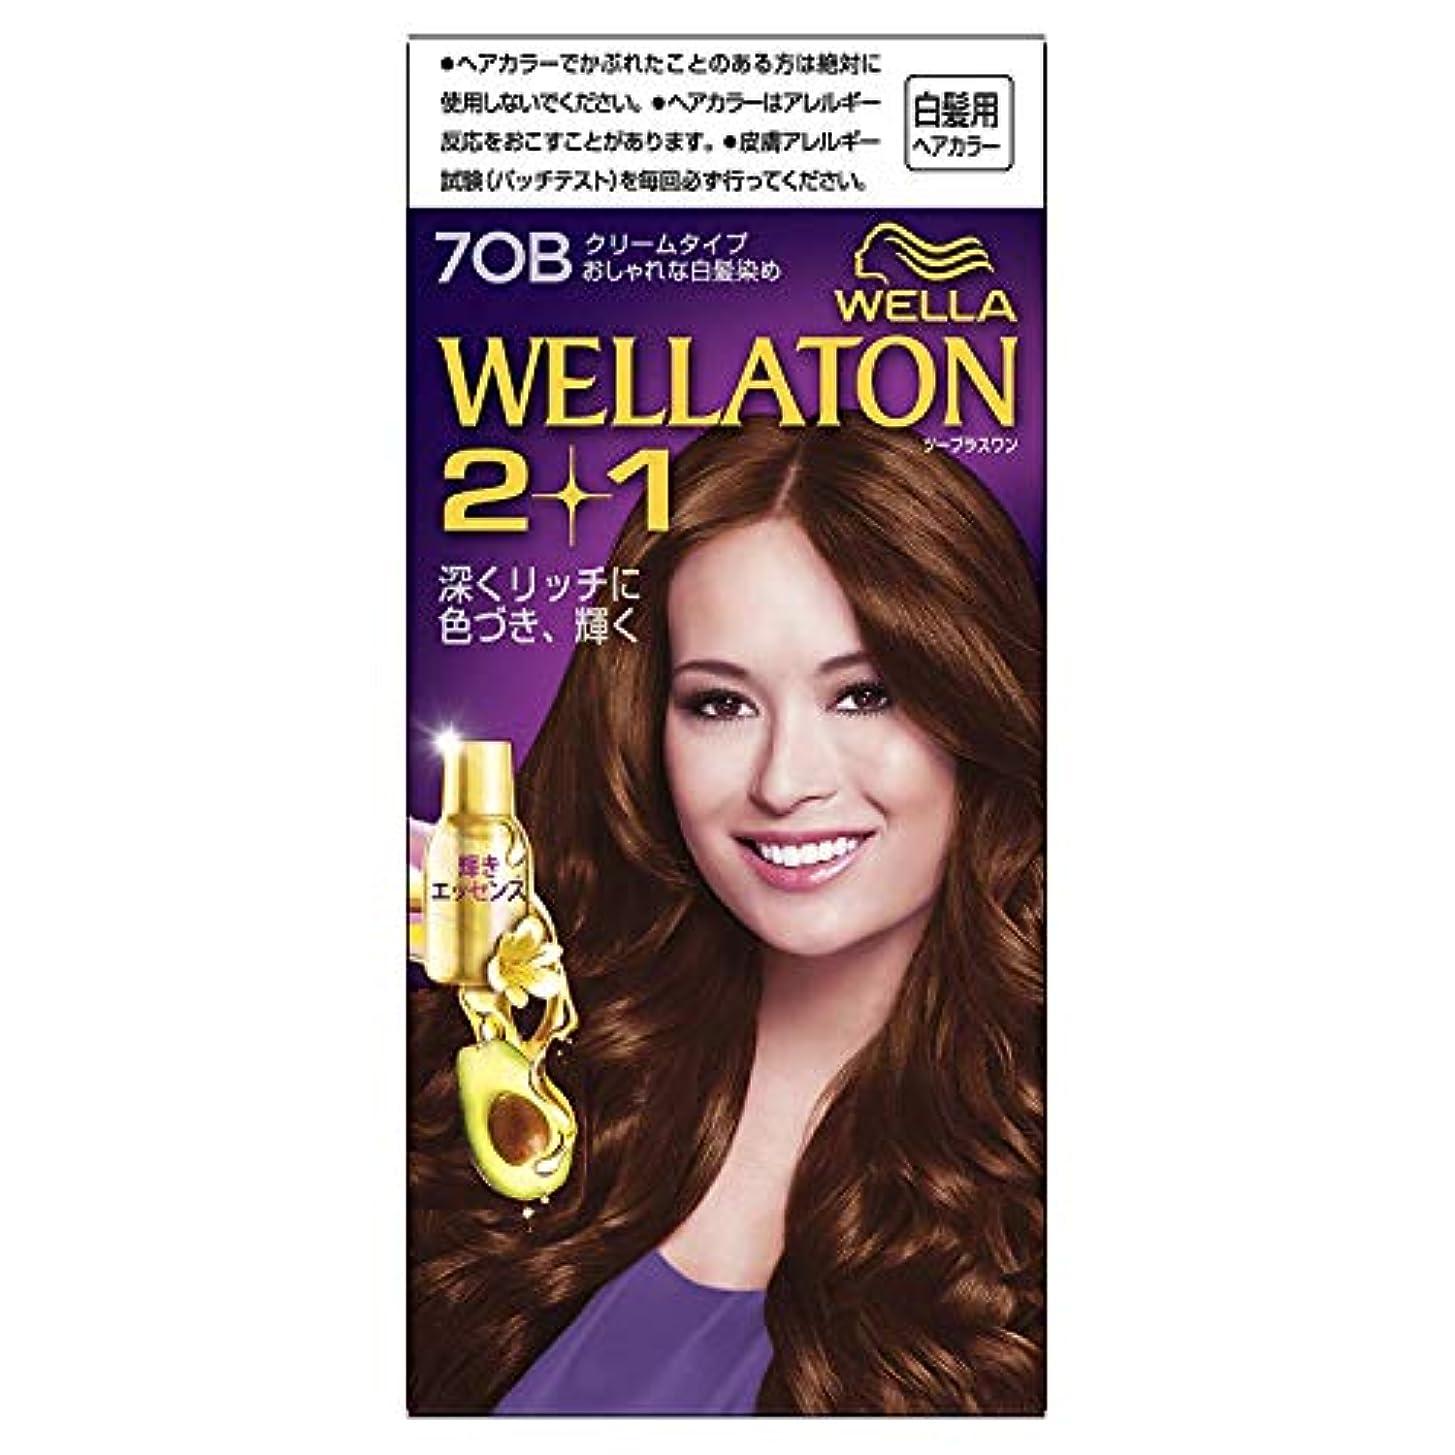 叱る肥料優雅なウエラトーン2+1 白髪染め クリームタイプ 7OB [医薬部外品] ×6個